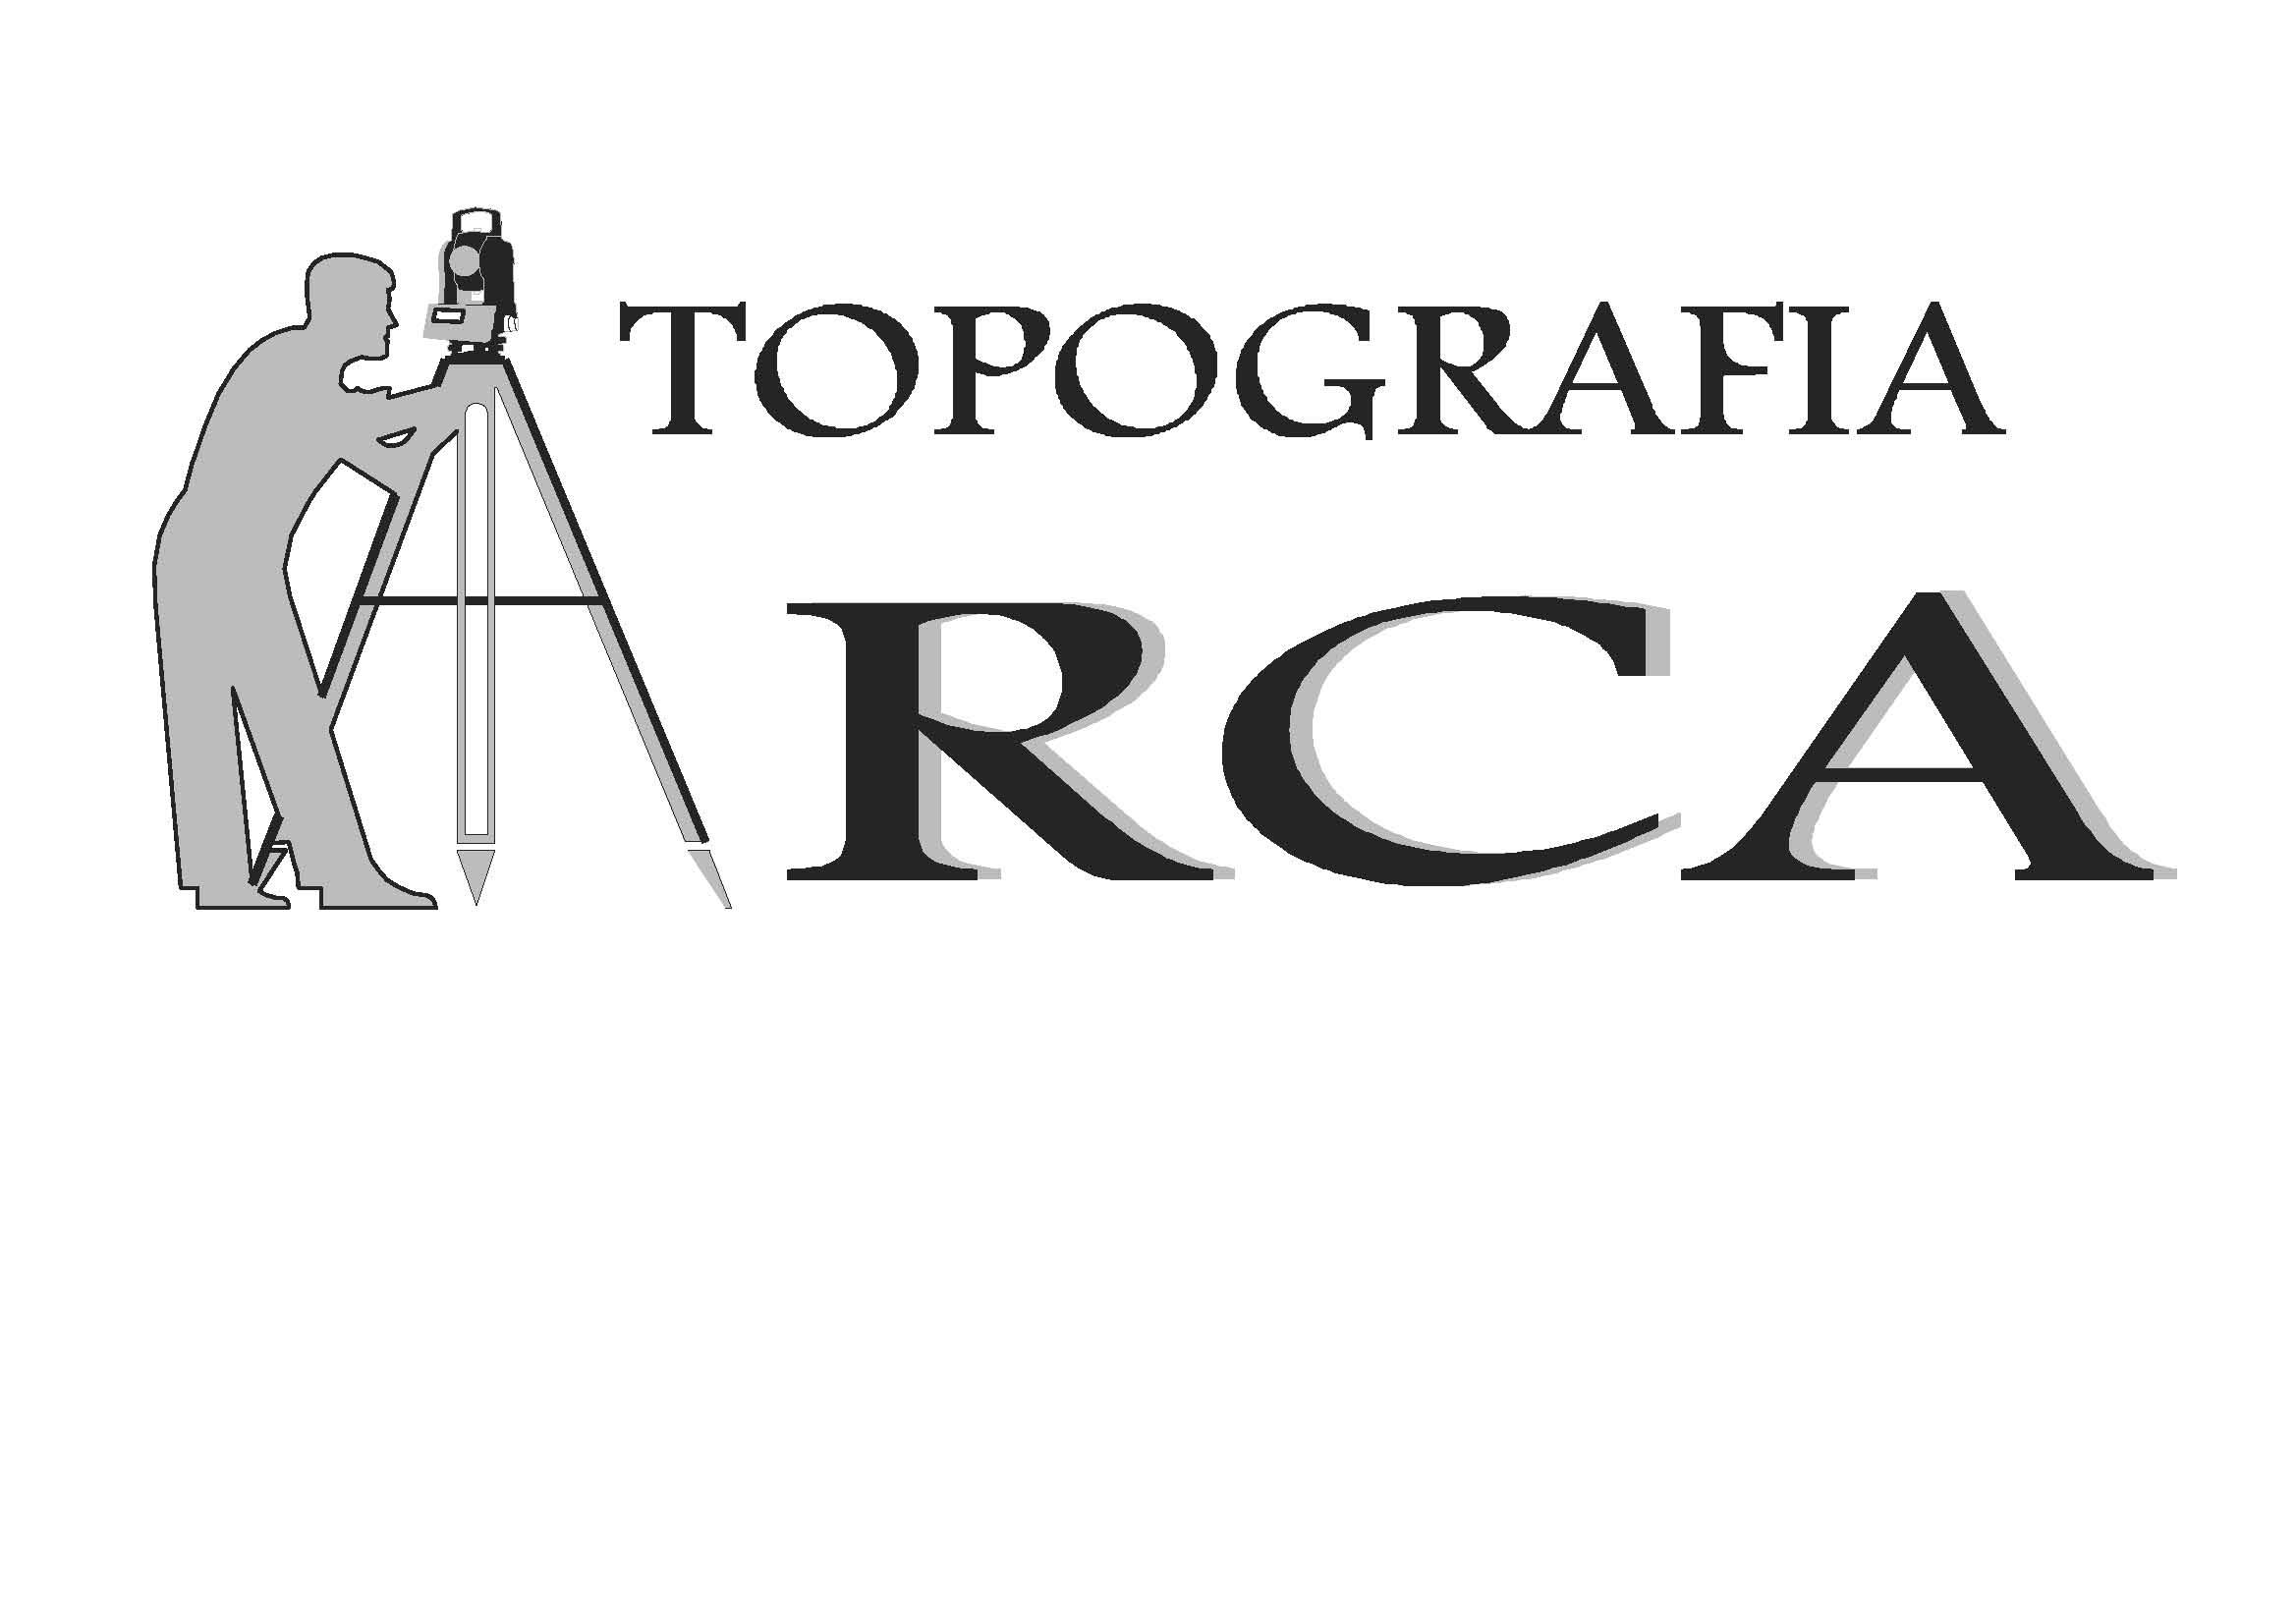 Topografia Arca